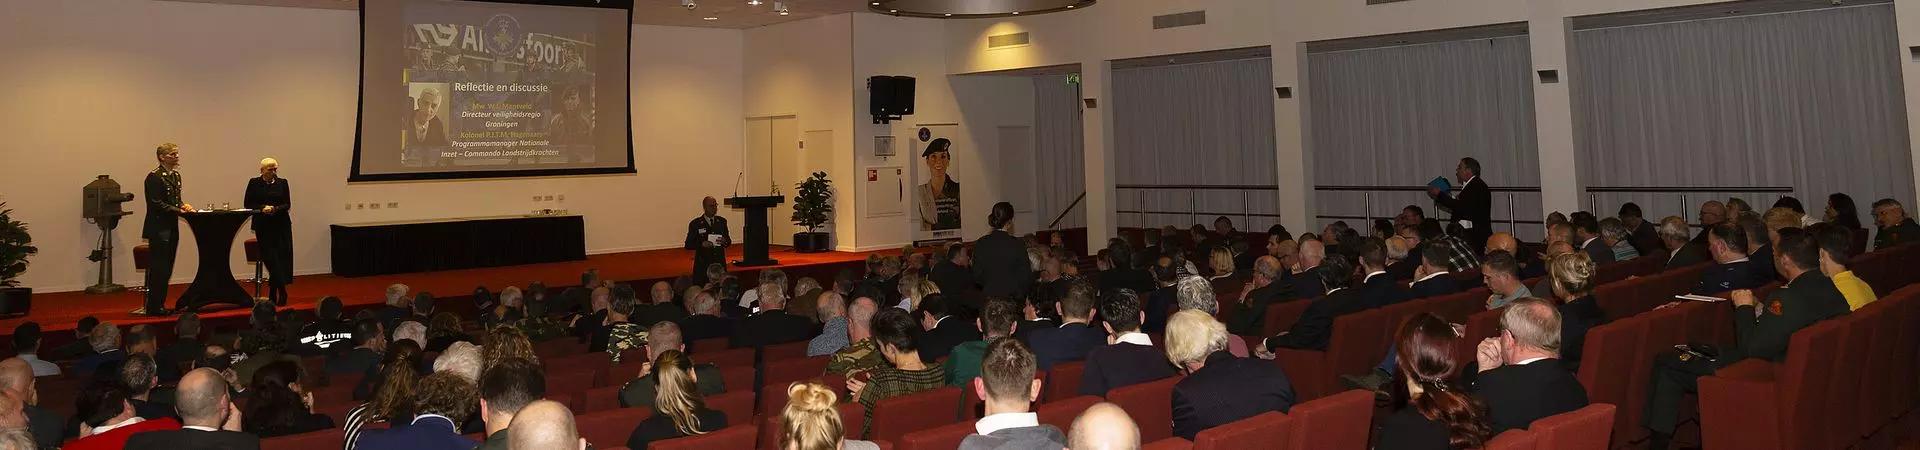 20191114 KPRC Symposium